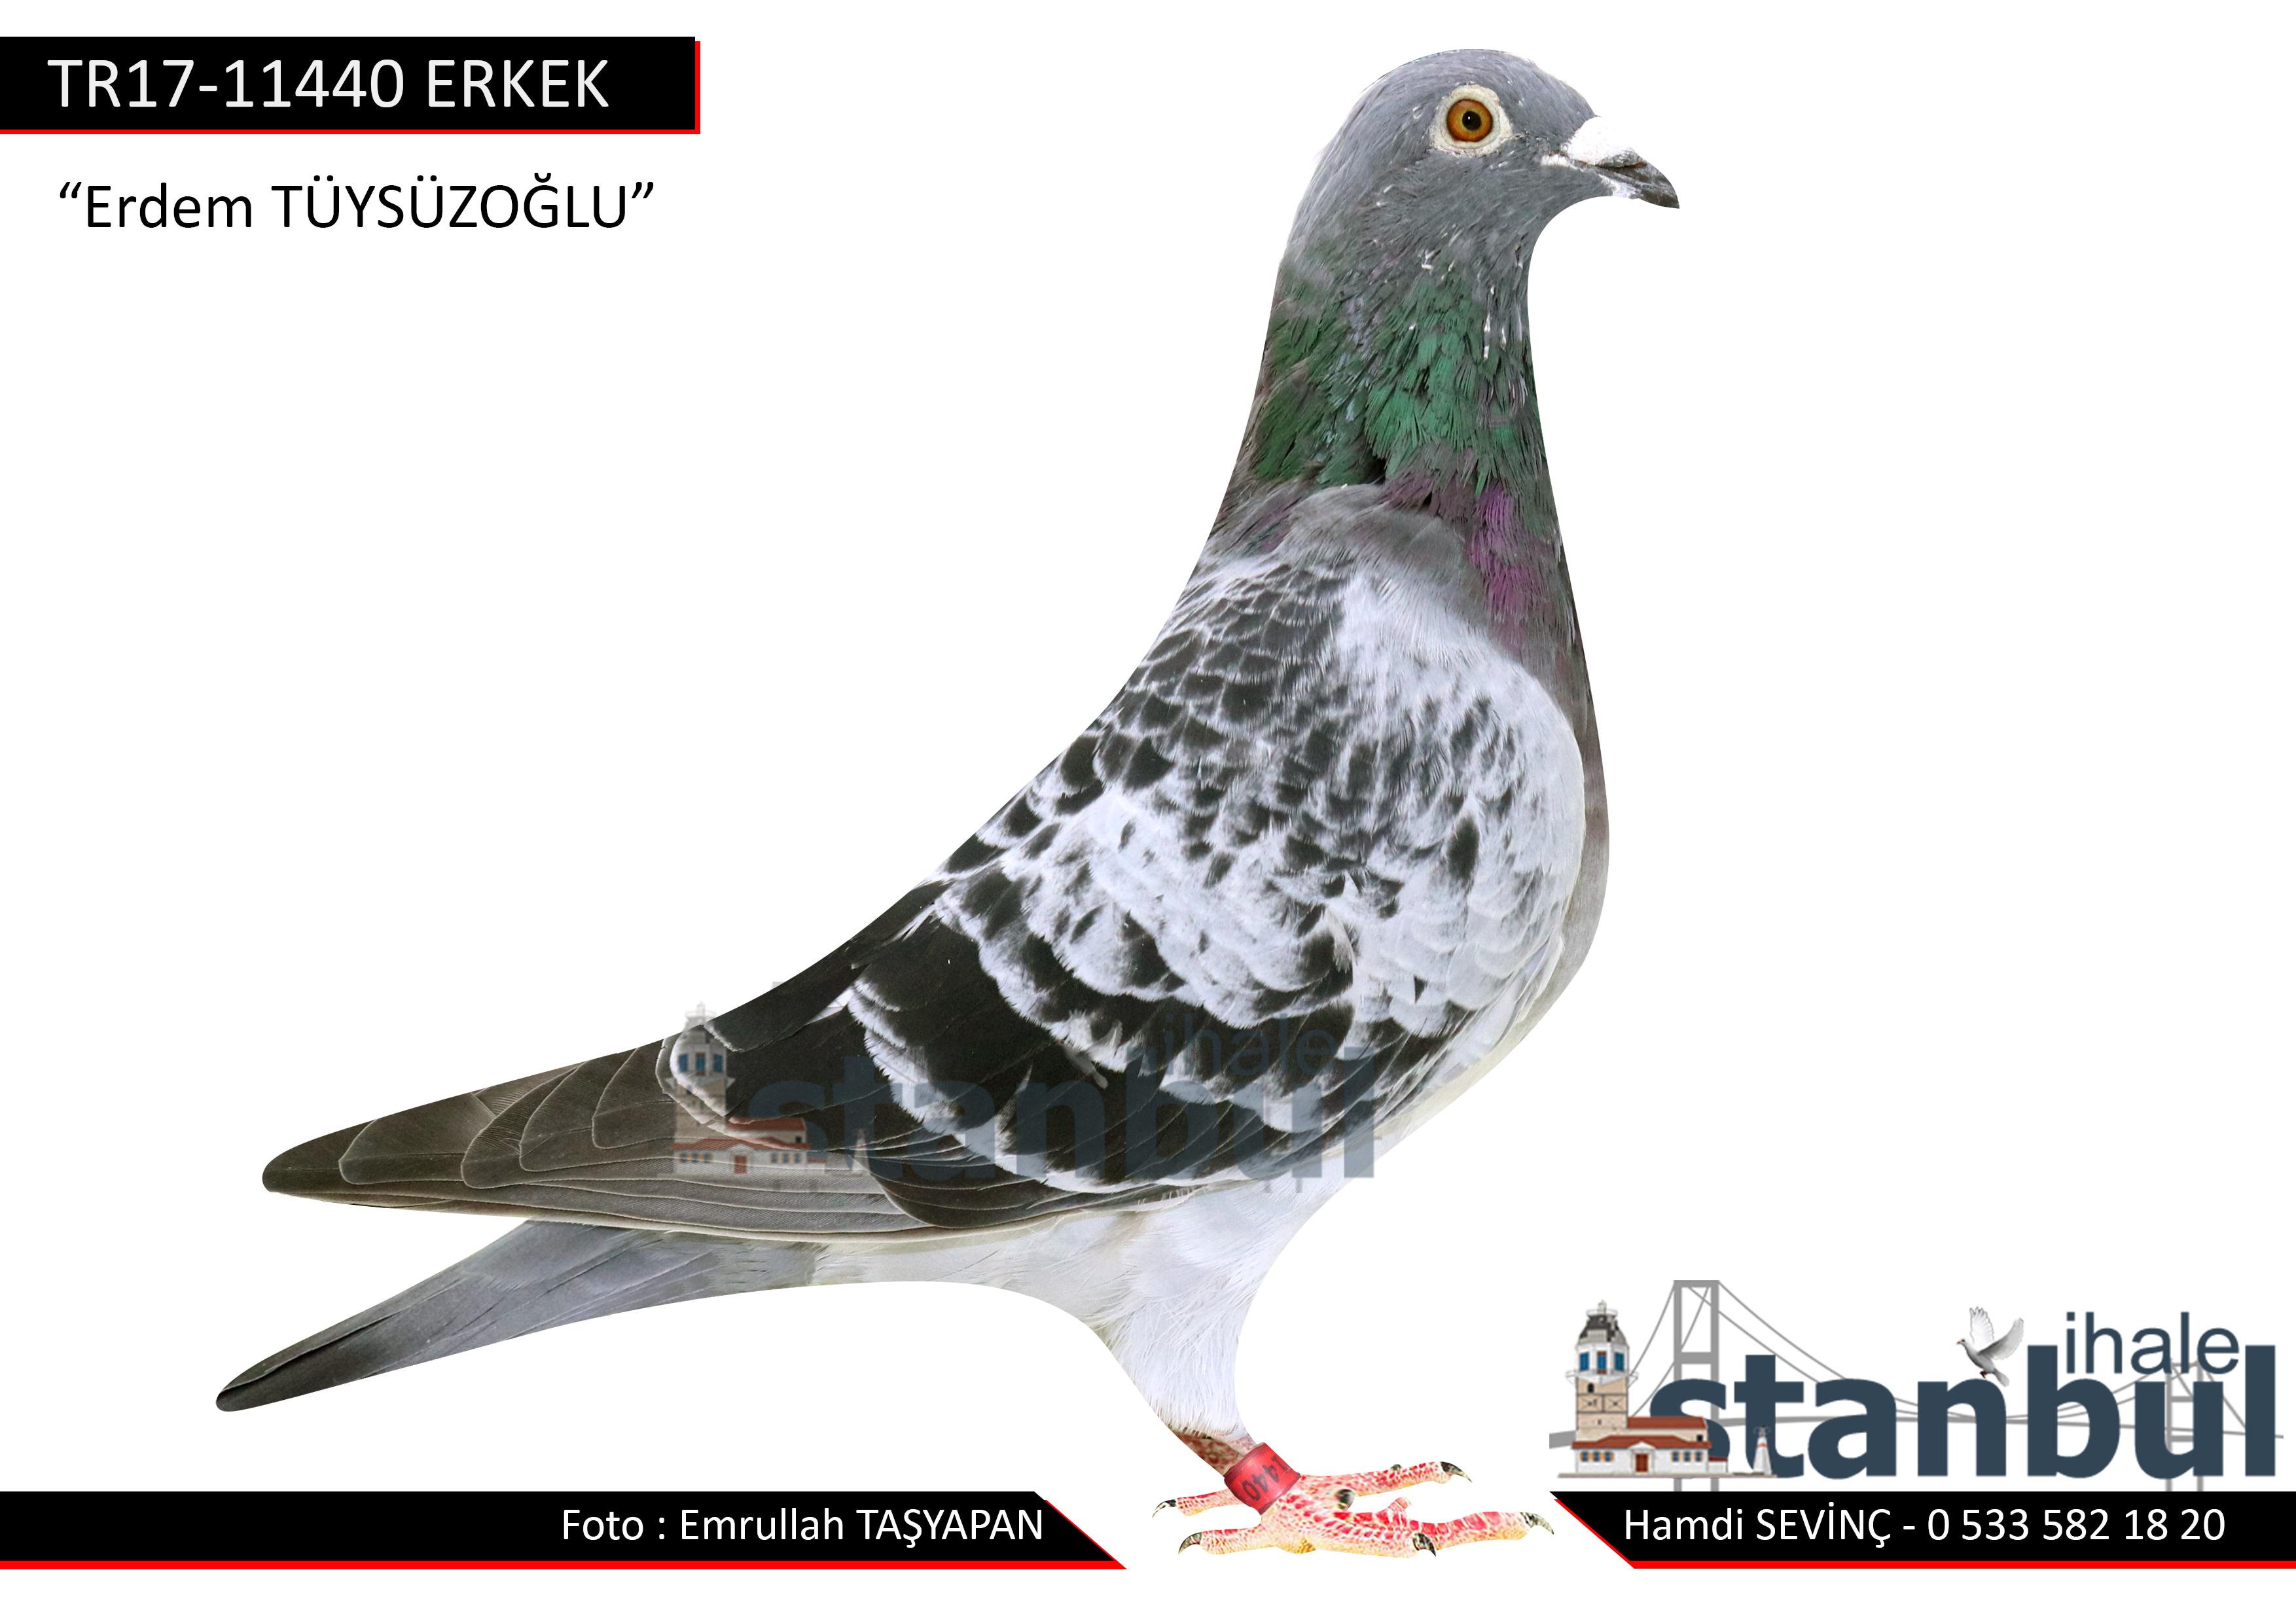 TR17-111440 ERKEK